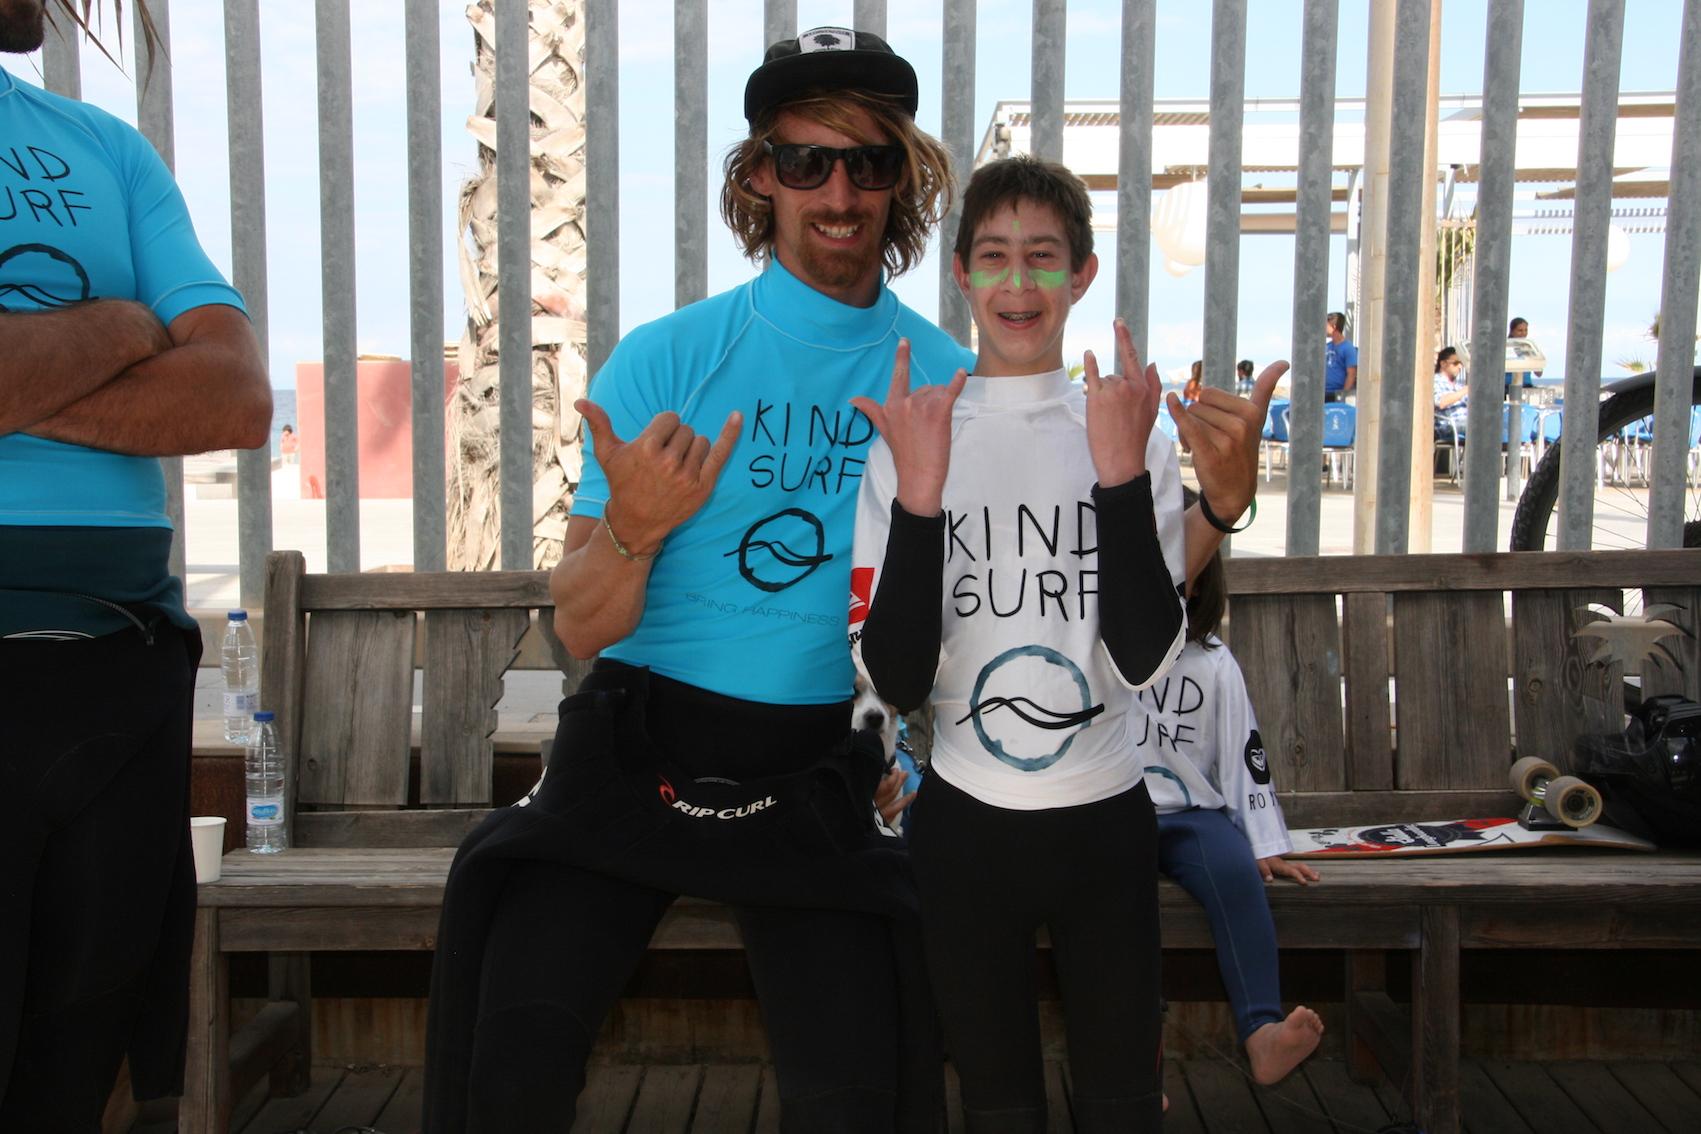 Jornada con nuestros amigos de Kind Surf y Pukas